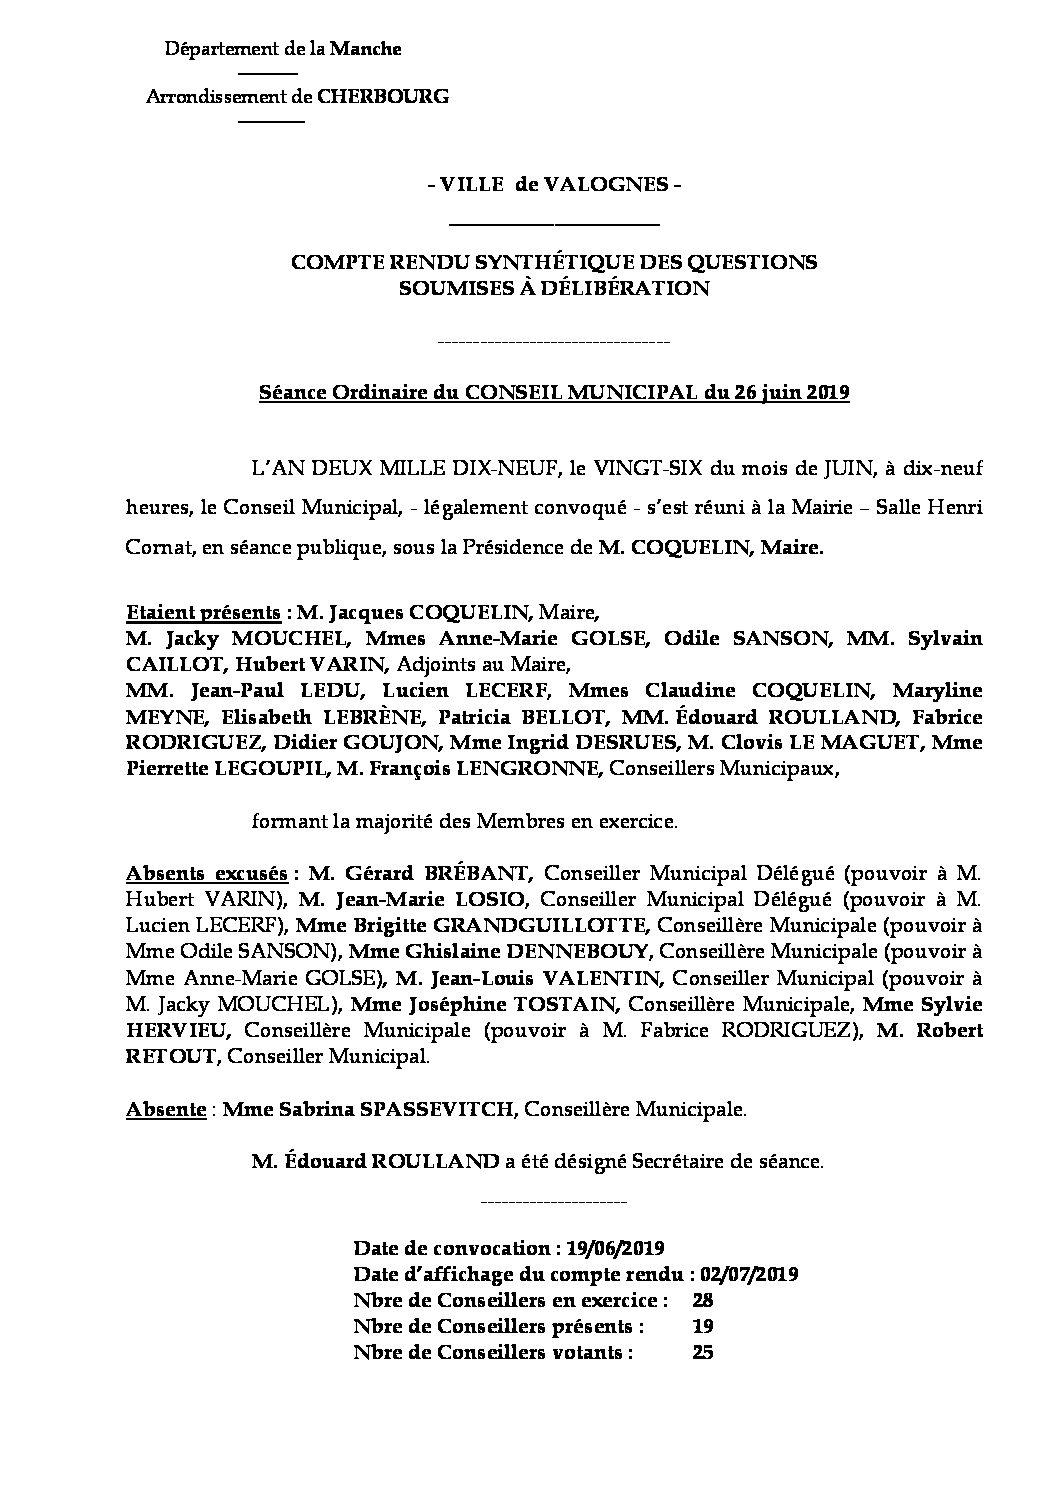 Compte rendu synthétique du Conseil Municipal du 26 06 19 - Compte rendu synthétique des questions soumises à délibération lors de la séance du Conseil Municipal du 26 juin 2019.